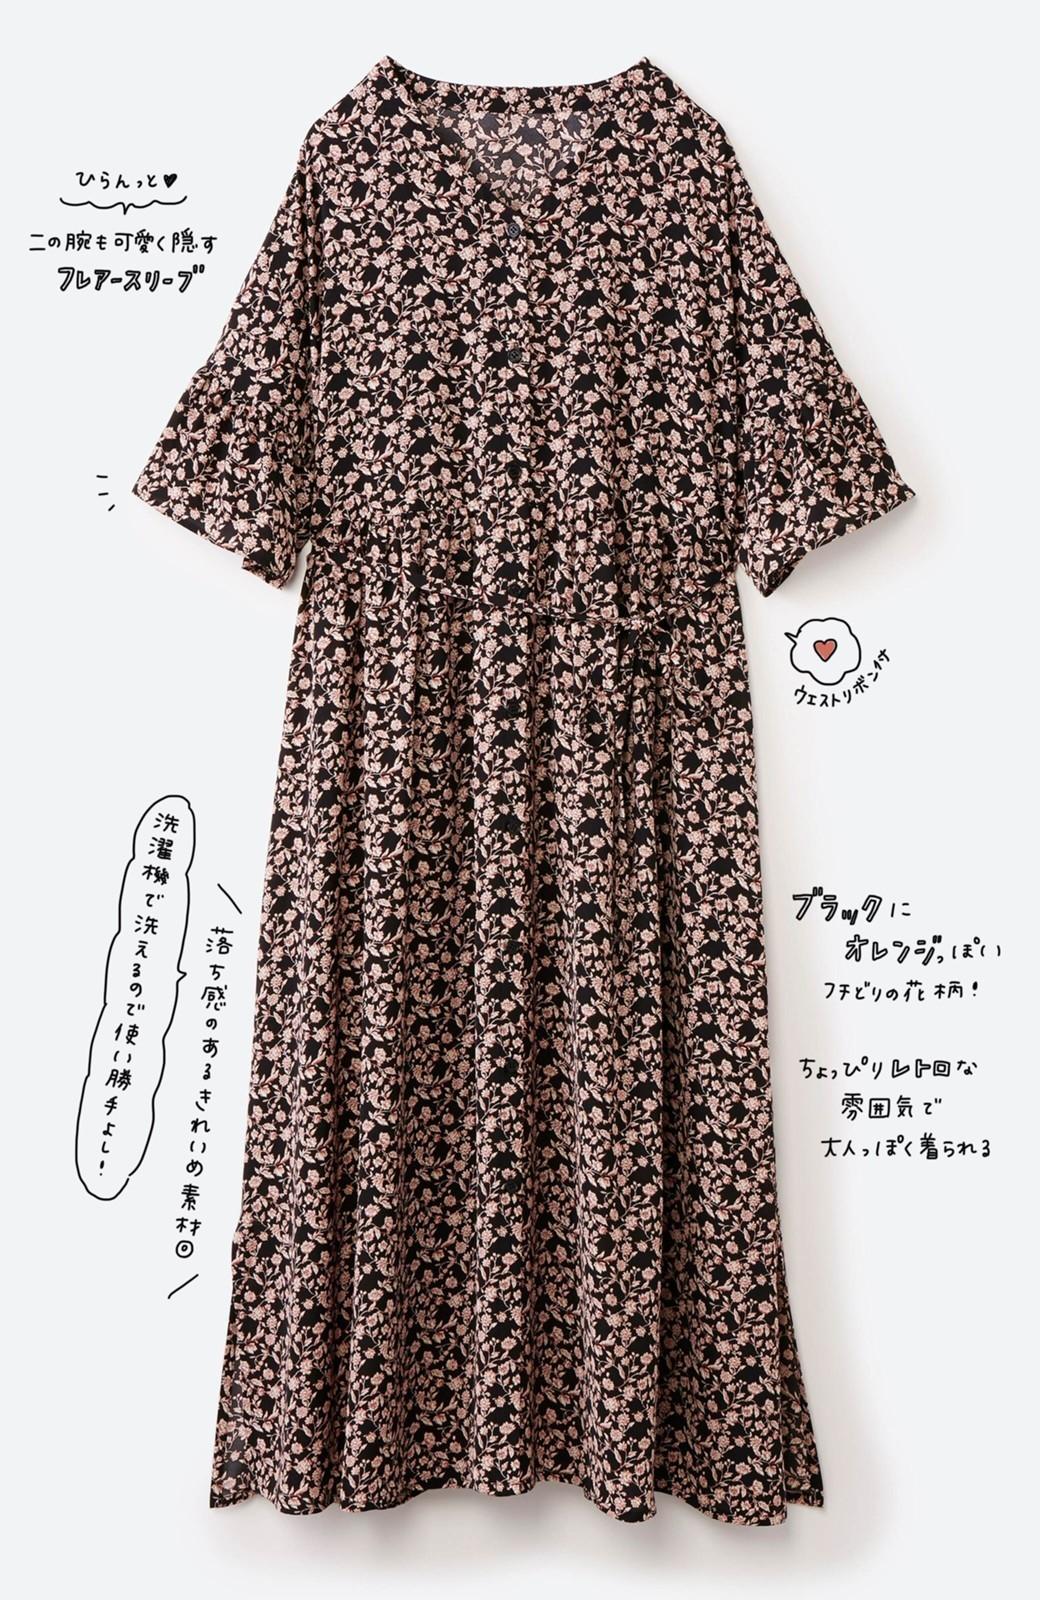 haco! さっと着てコーデが華やぐ 重ね着しても羽織ってもかわいいフレアー袖にキュンとする花柄ワンピース <ブラック系その他>の商品写真3